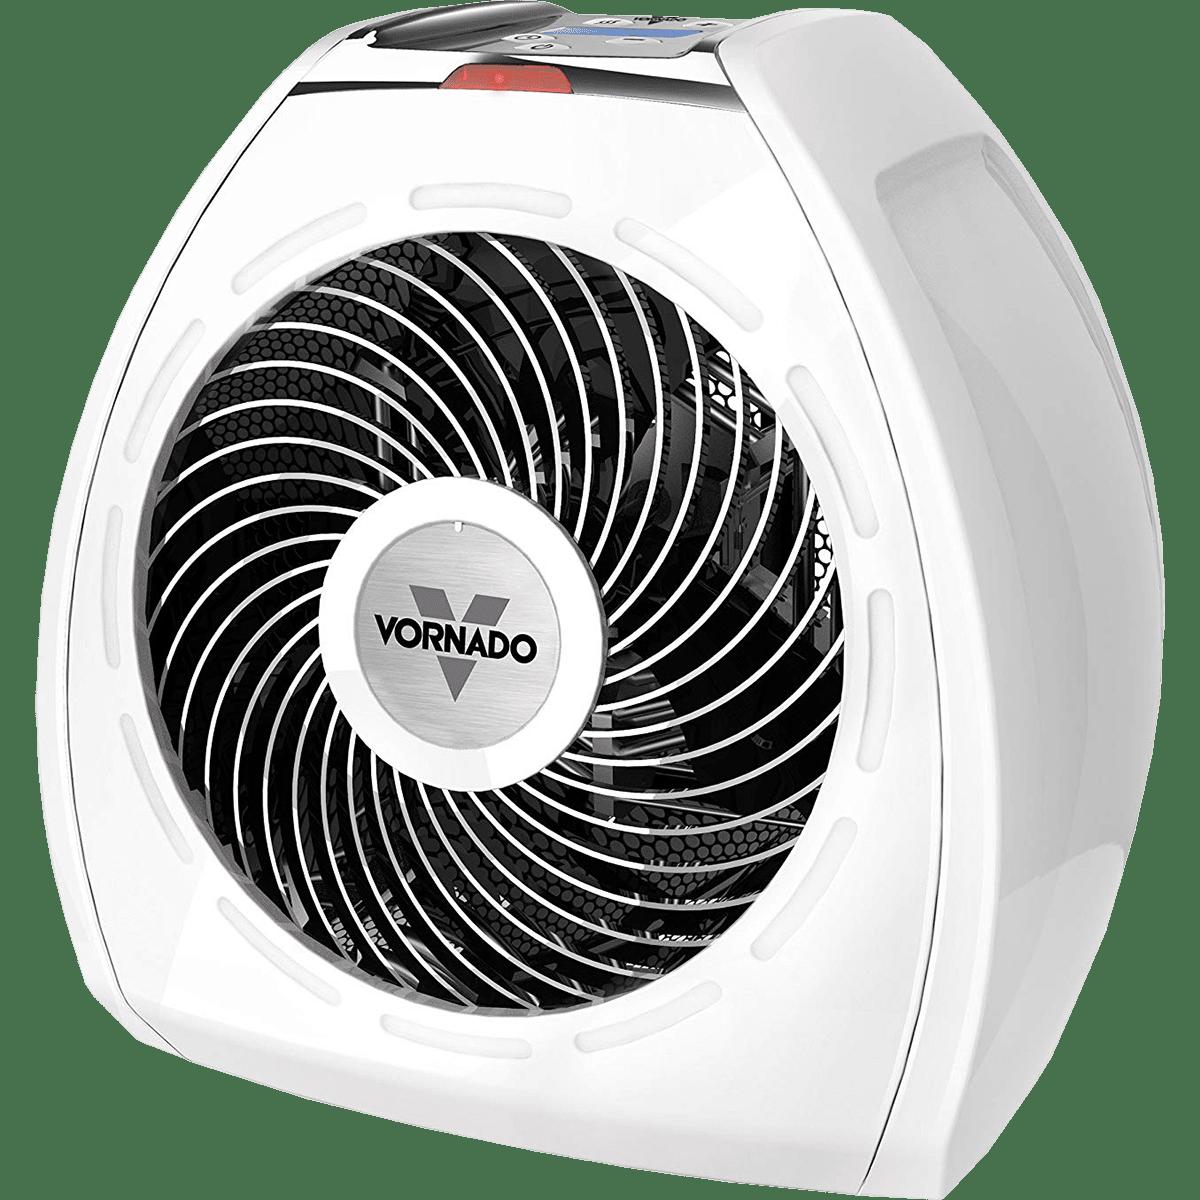 Vornado Touchstone 500 Whole Room Vortex Heater Model: EH1-0032-20